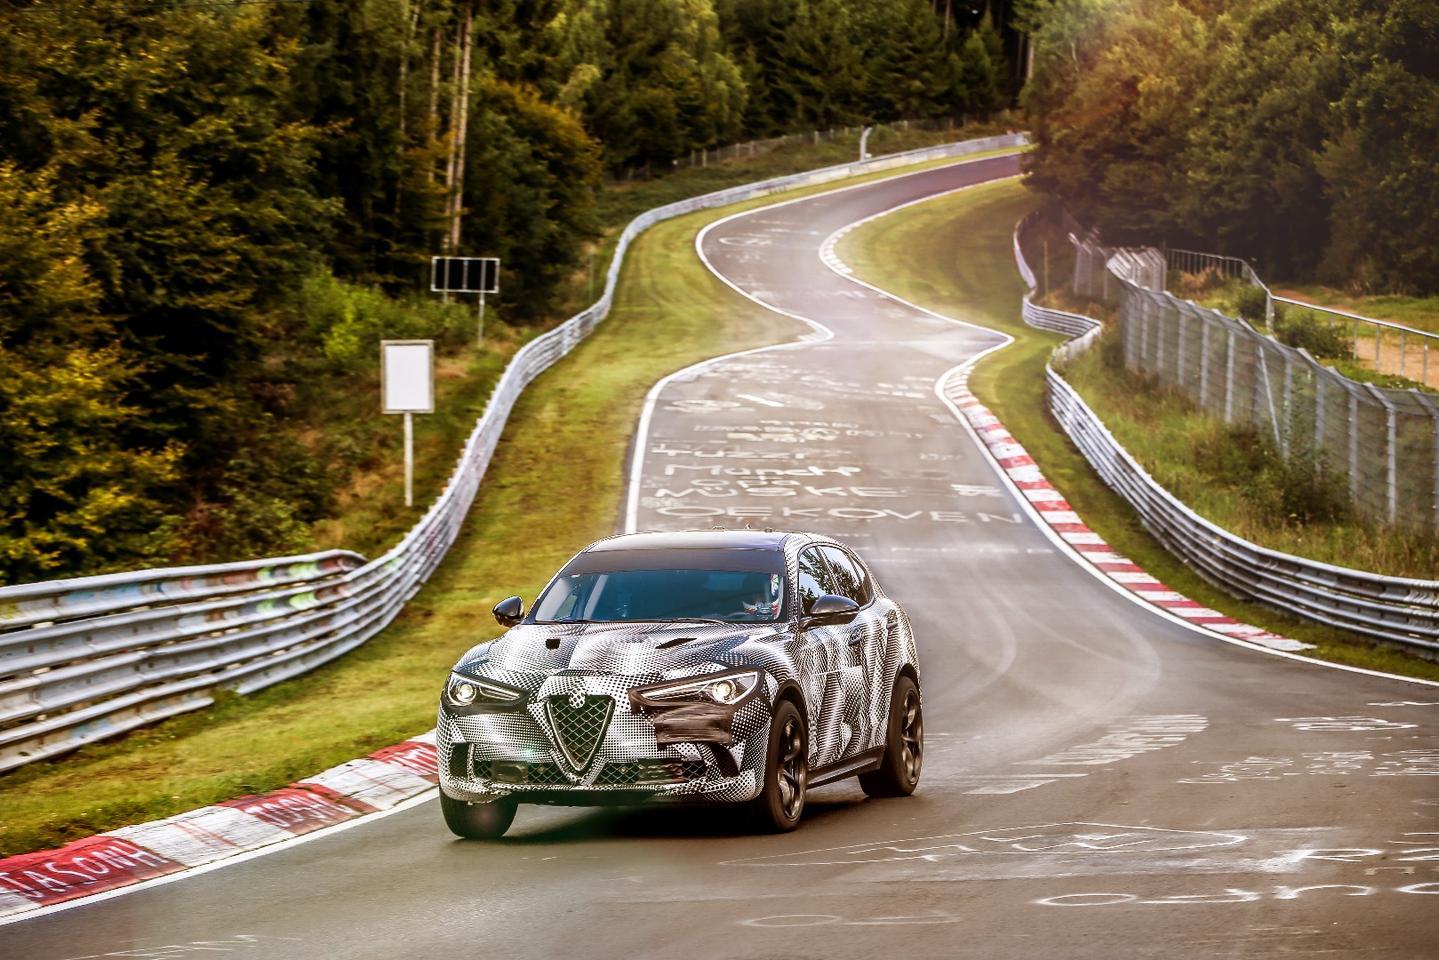 The Stelvio Quadrifoglio takes on the Nurburgring Nordschleife